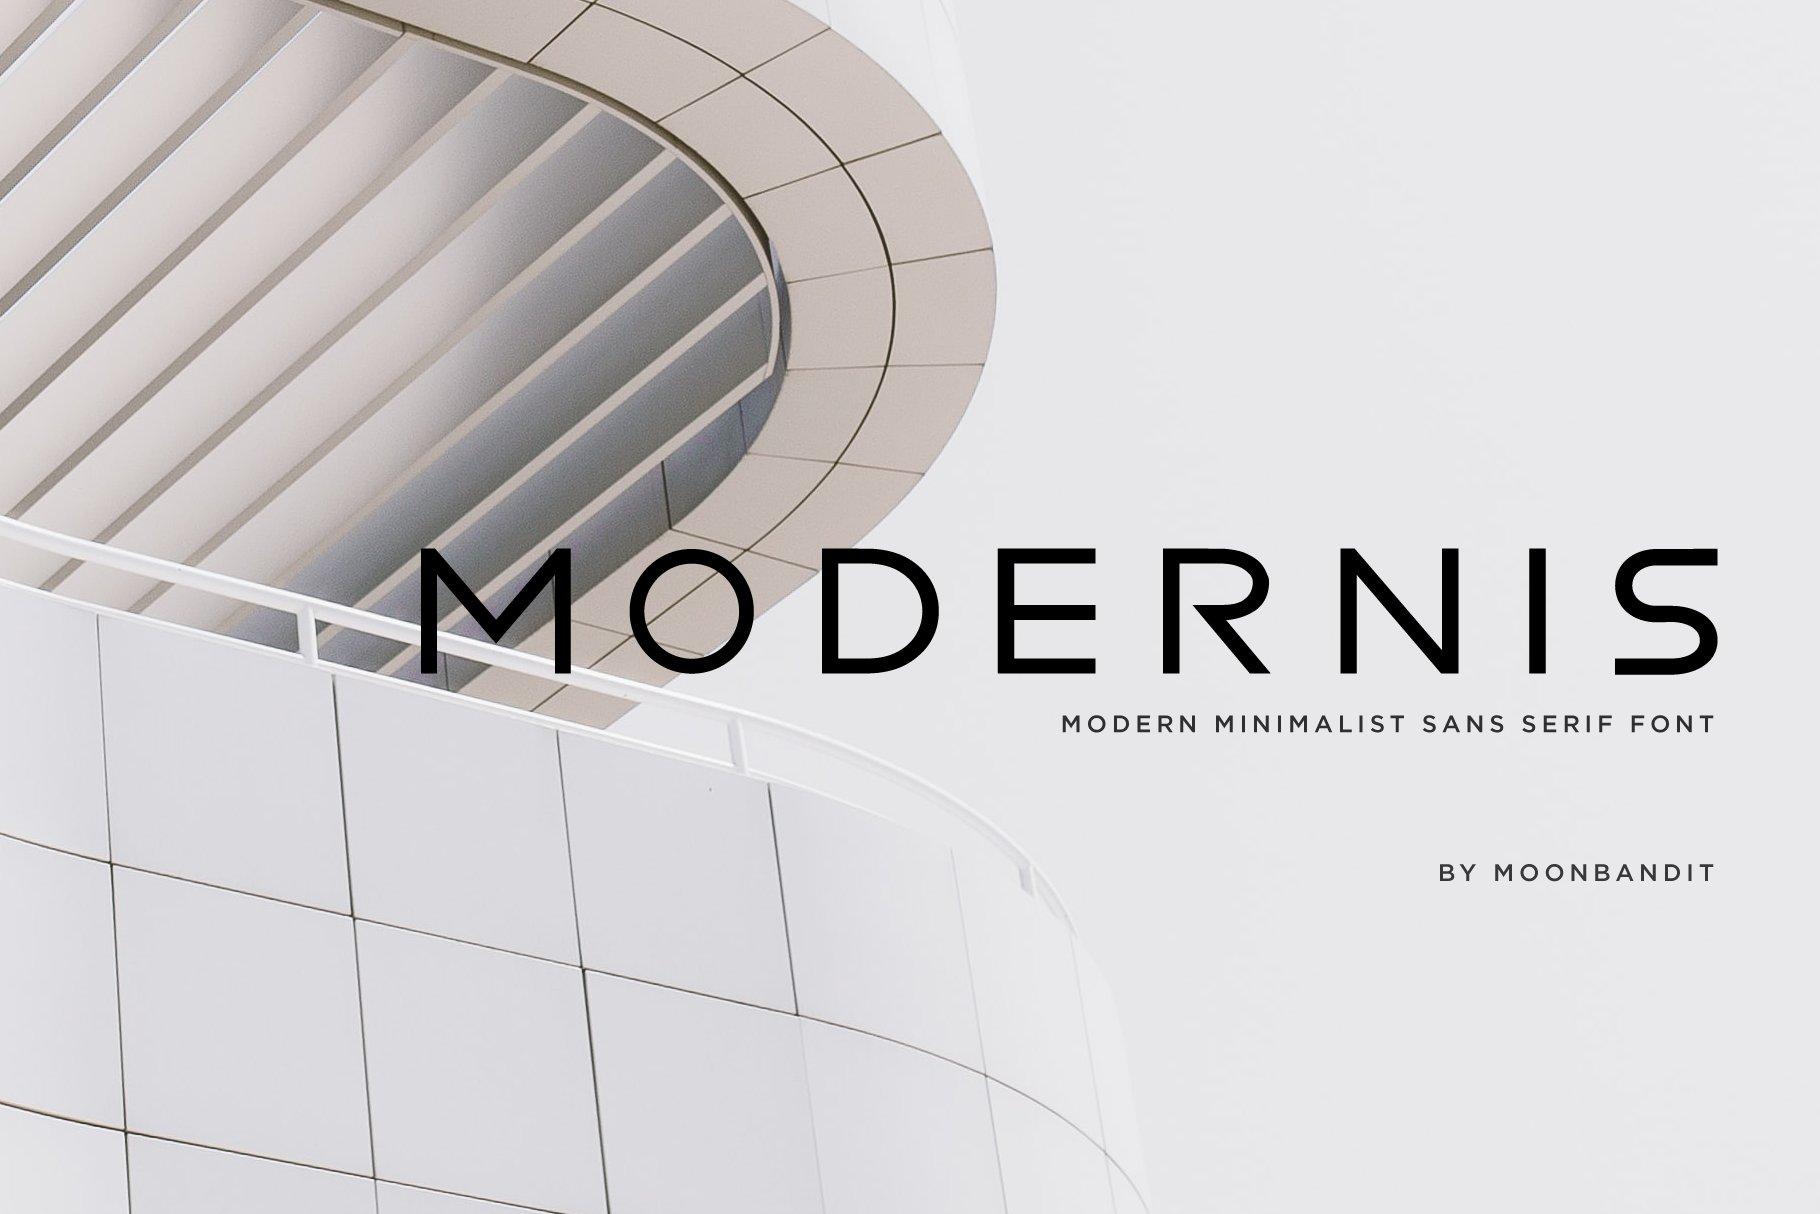 A-Modern-Minimalist-Font-www.mockuphill.com